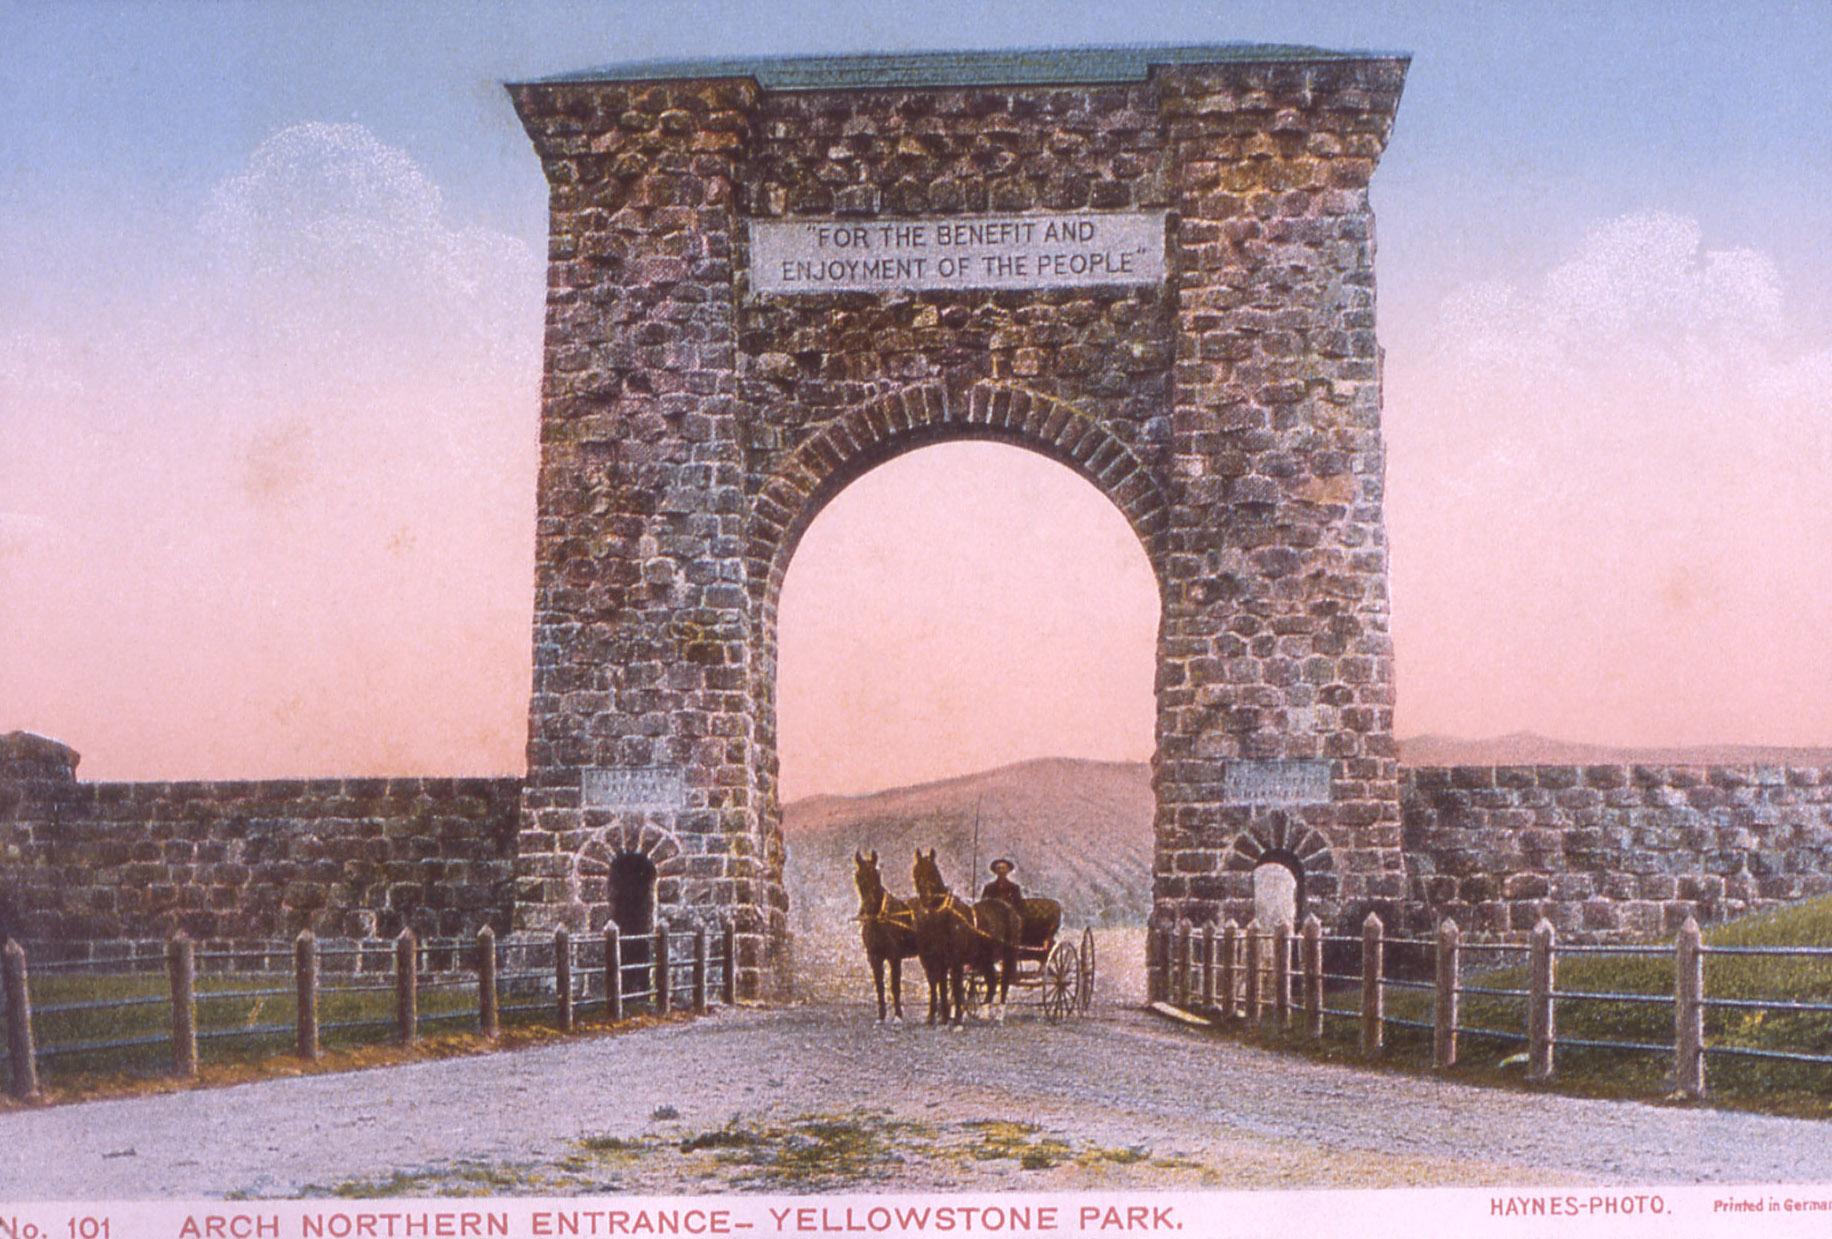 Golden Gate; Frank J Haynes; No date; Postcards